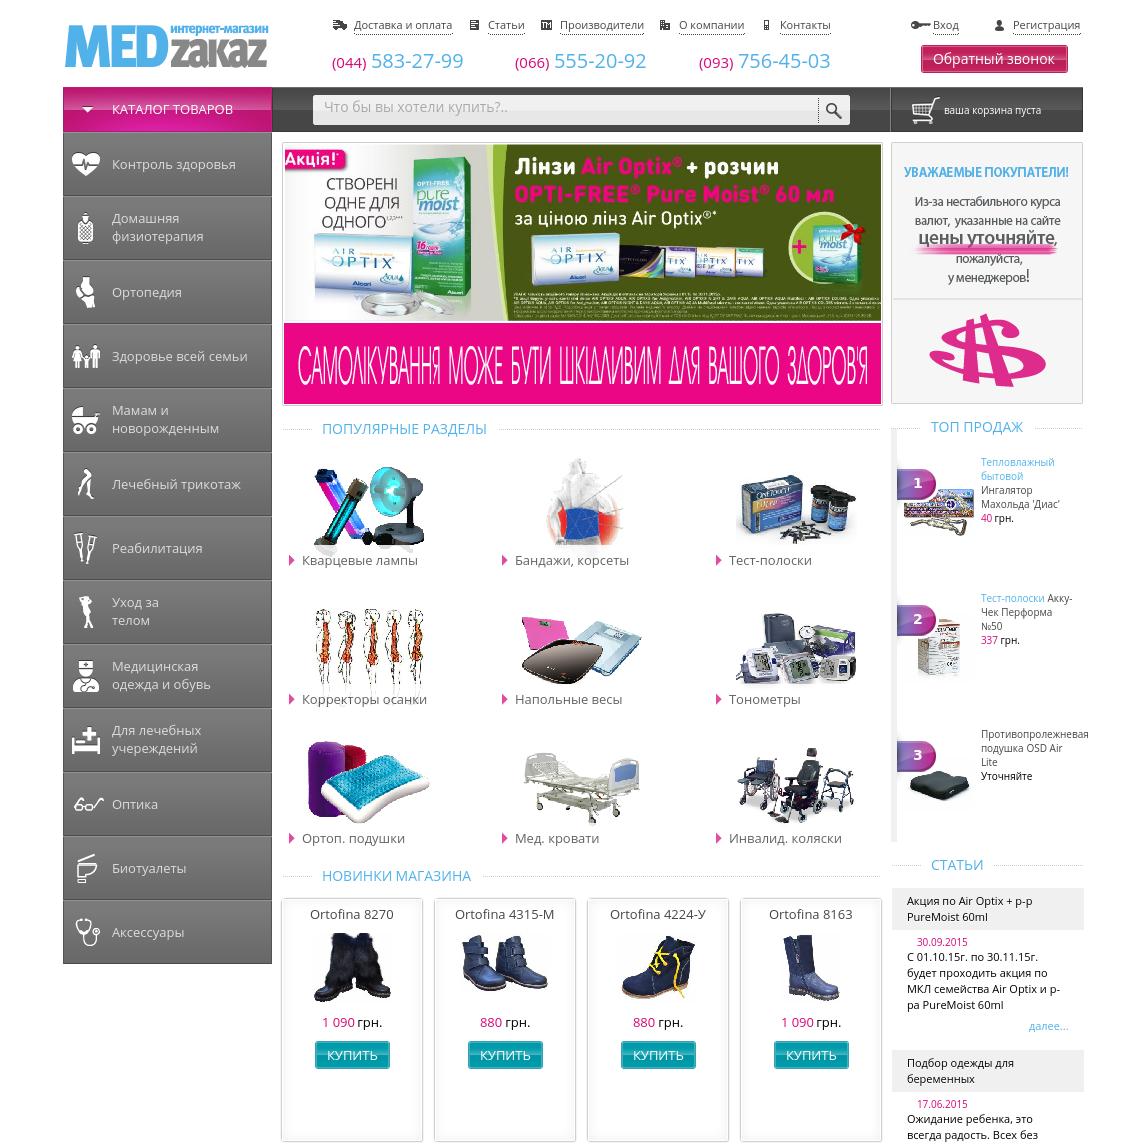 Интернет магазин медтехники «Medzakaz»